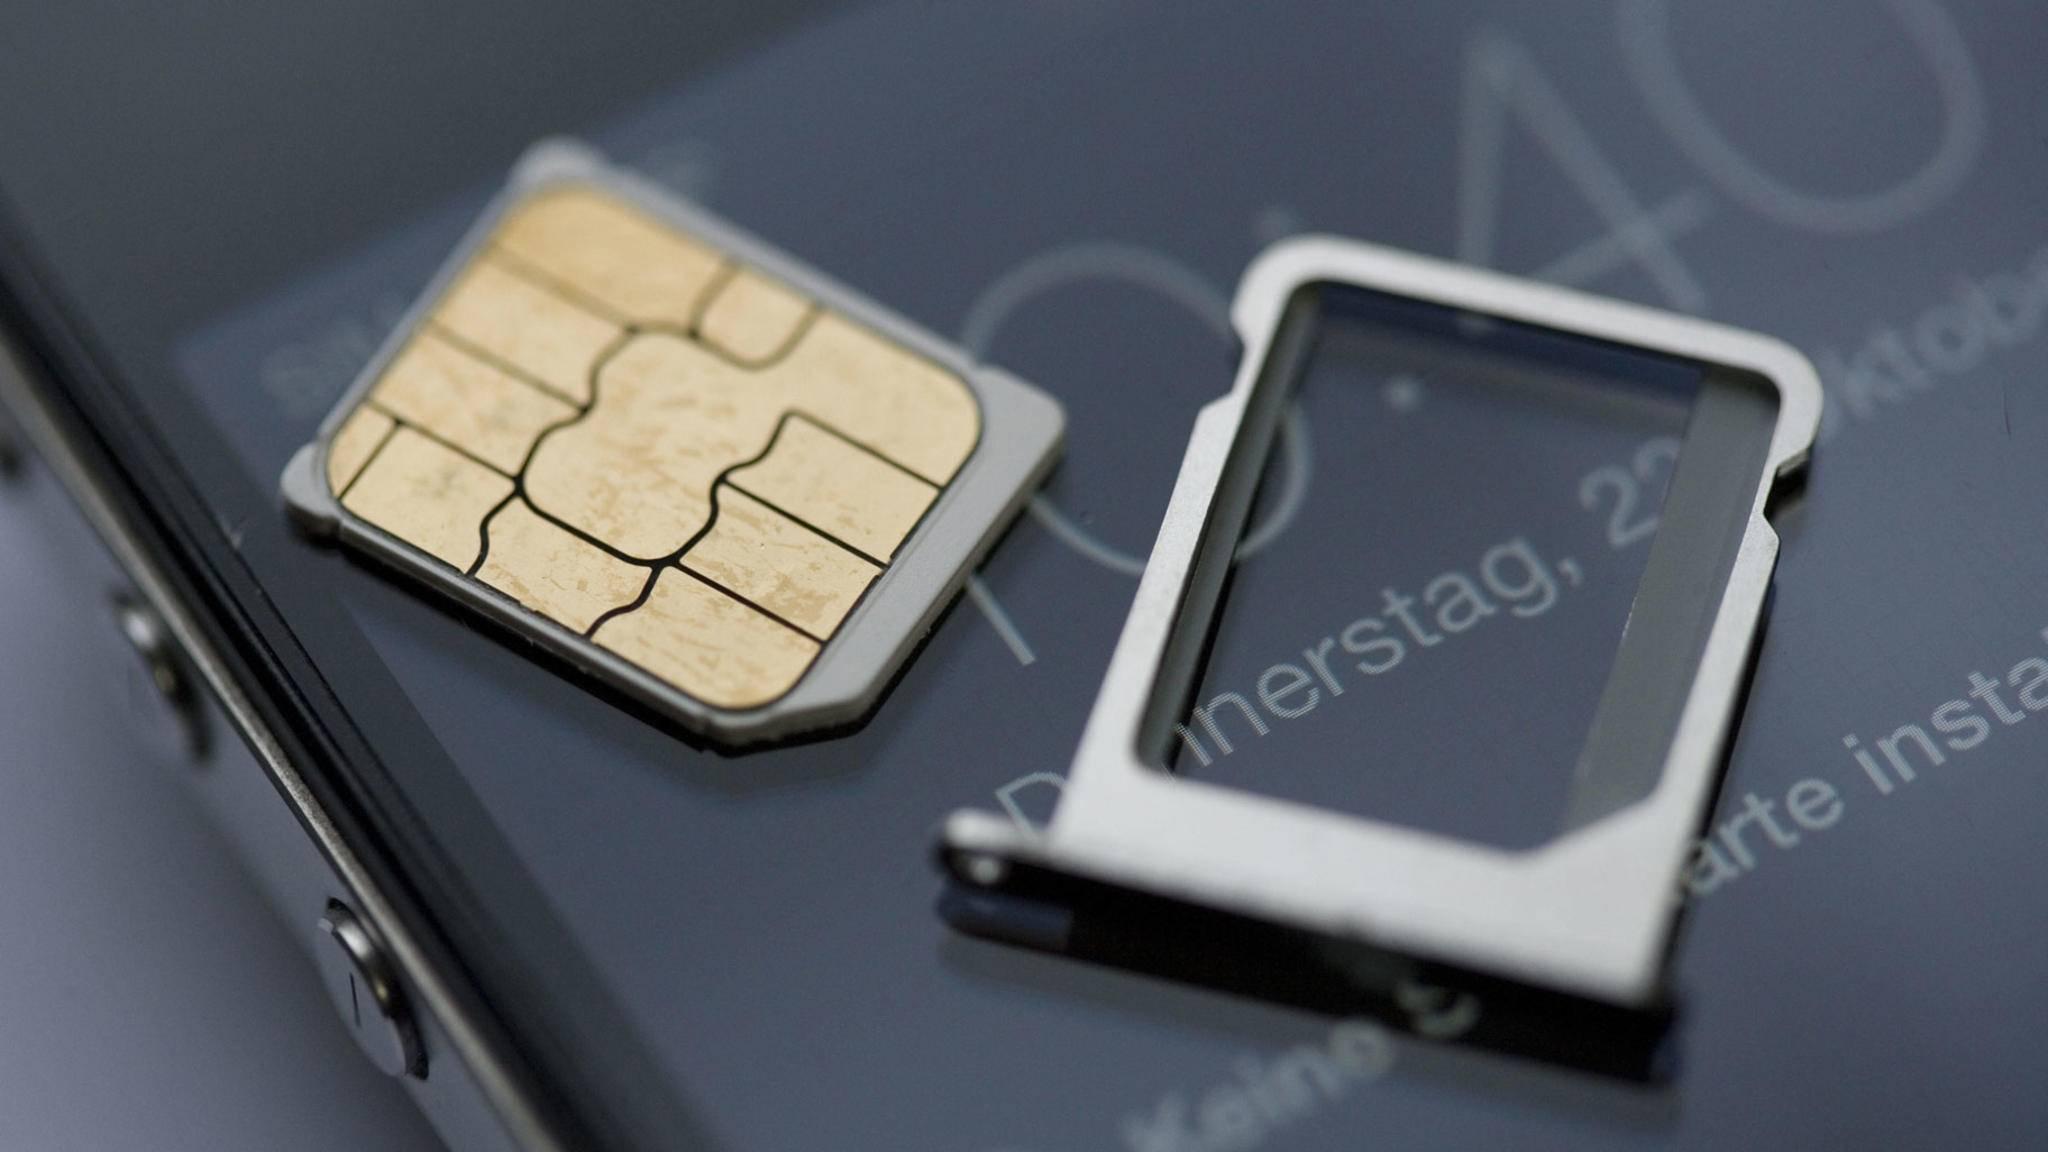 Richtige Größe, unterschiedliche Öffnungen: Beim Wechsel einer SIM-Karte muss einiges beachtet werden.